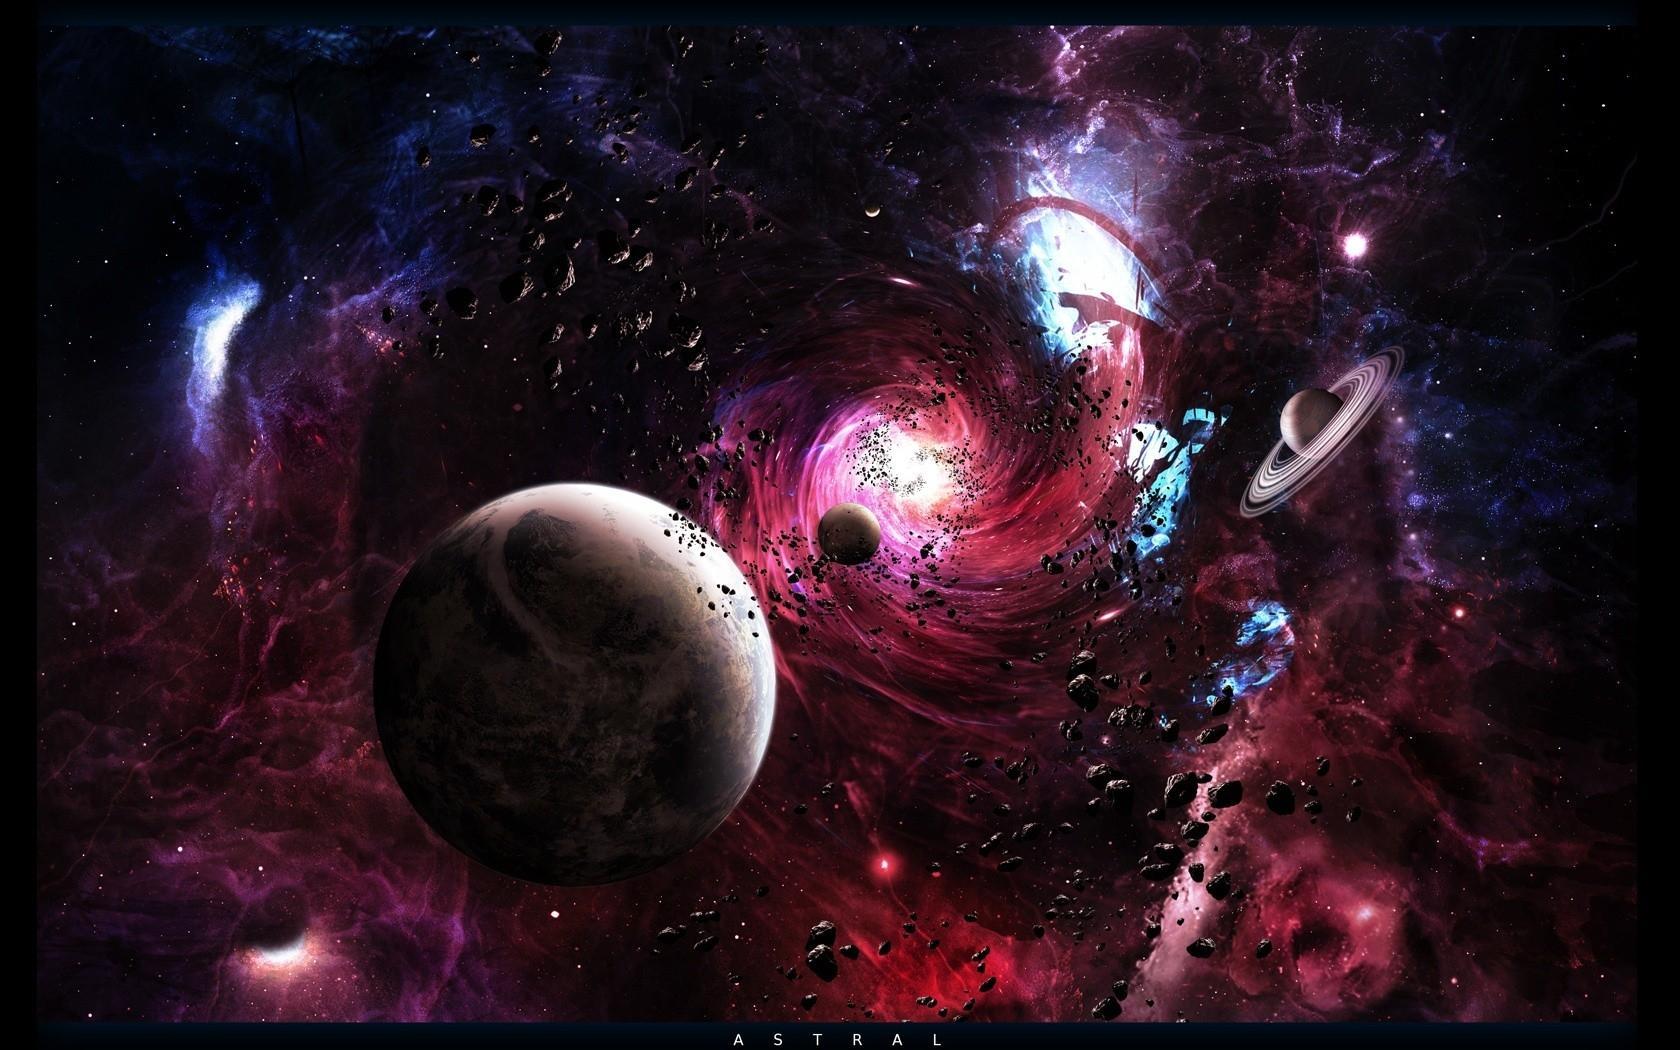 Обои Темная планета картинки на рабочий стол на тему Космос - скачать бесплатно